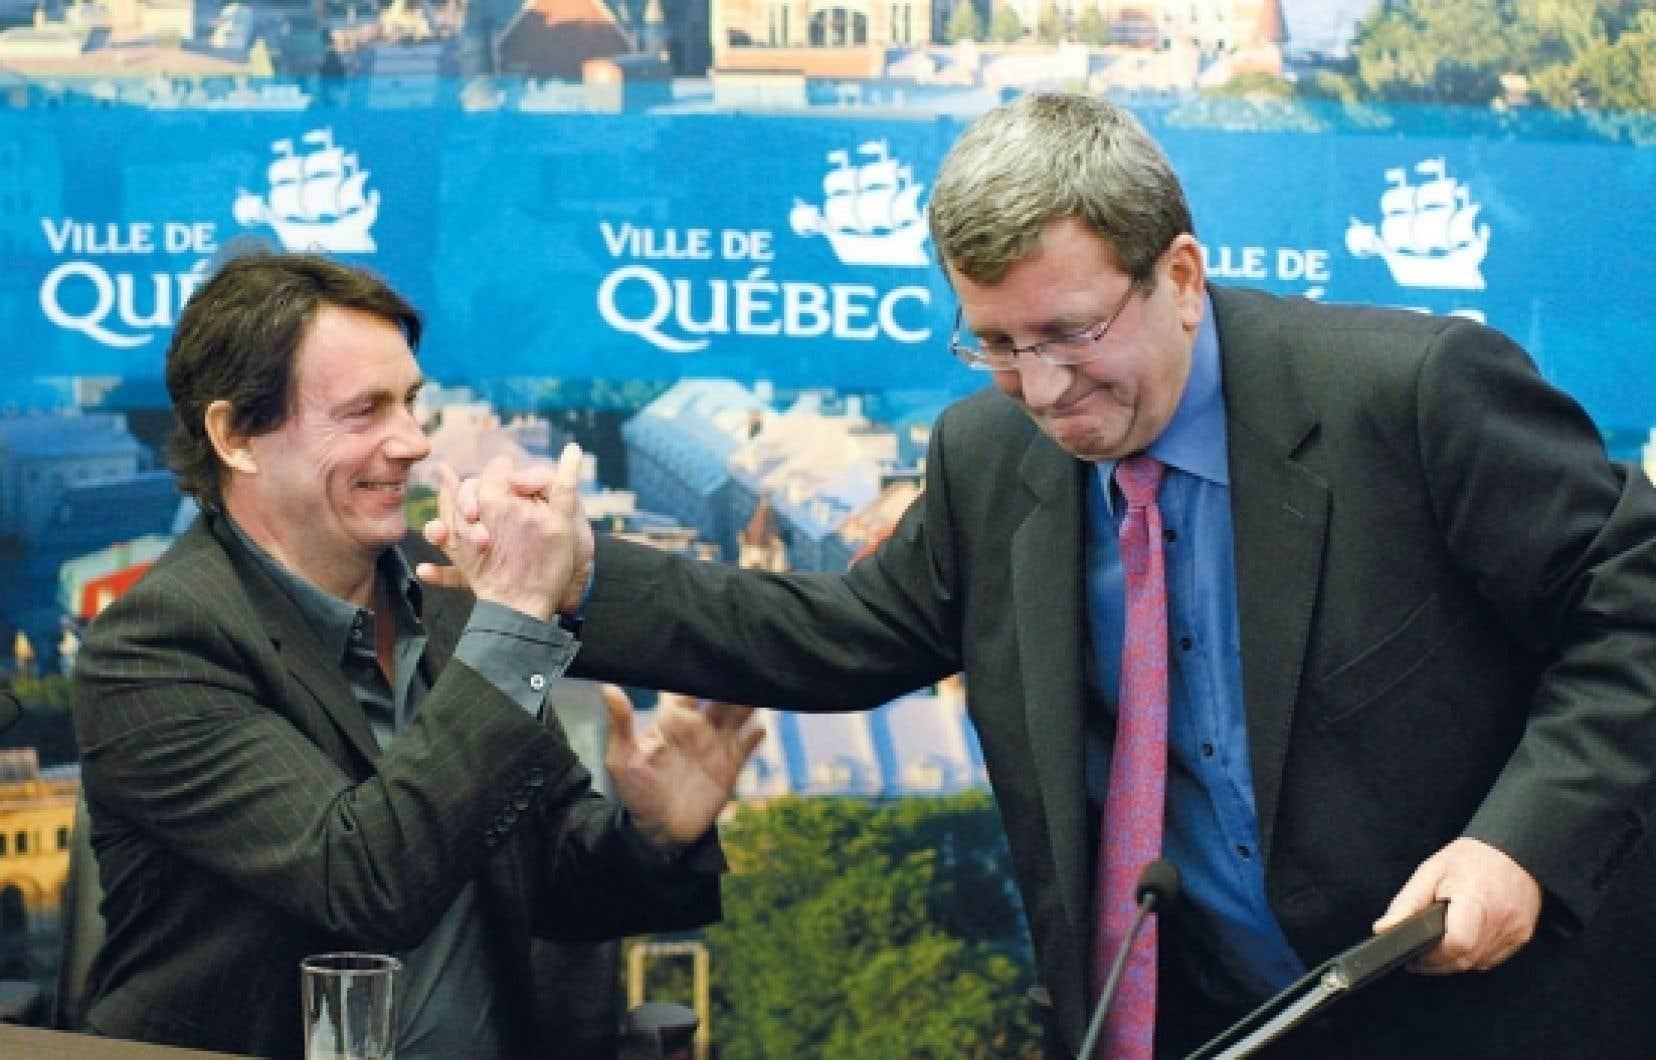 Le président de Quebecor, Pierre Karl Péladeau, et le maire de Québec, Régis Labeaume, ont tenu un point de presse impromptu, hier, à Québec.